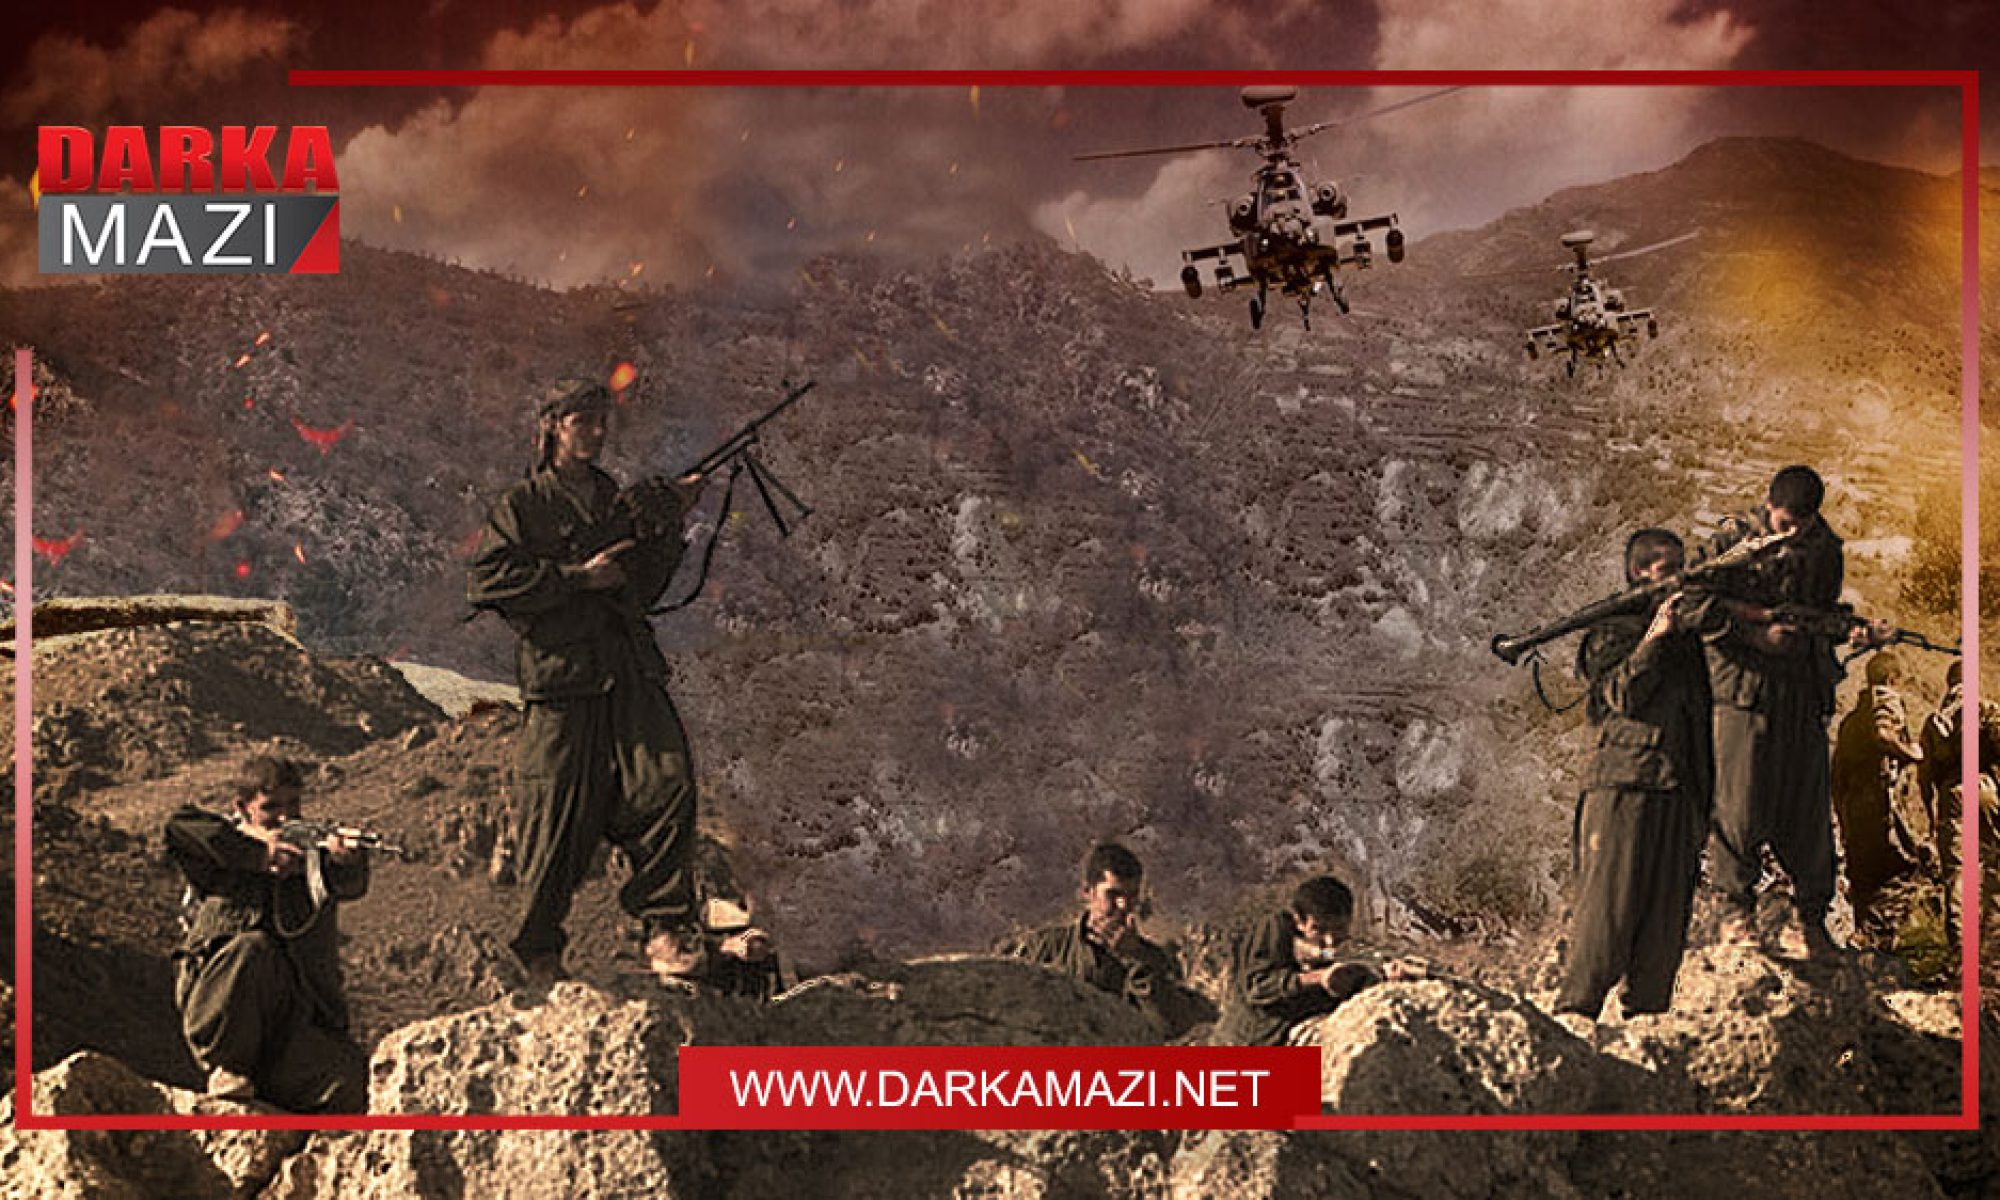 Haftanin'de neler oluyor: Hatalar, eleştiriler, gerçekler ve çözüm operasyon, PKK; Kürdistan, IKYB, Misakı Milli